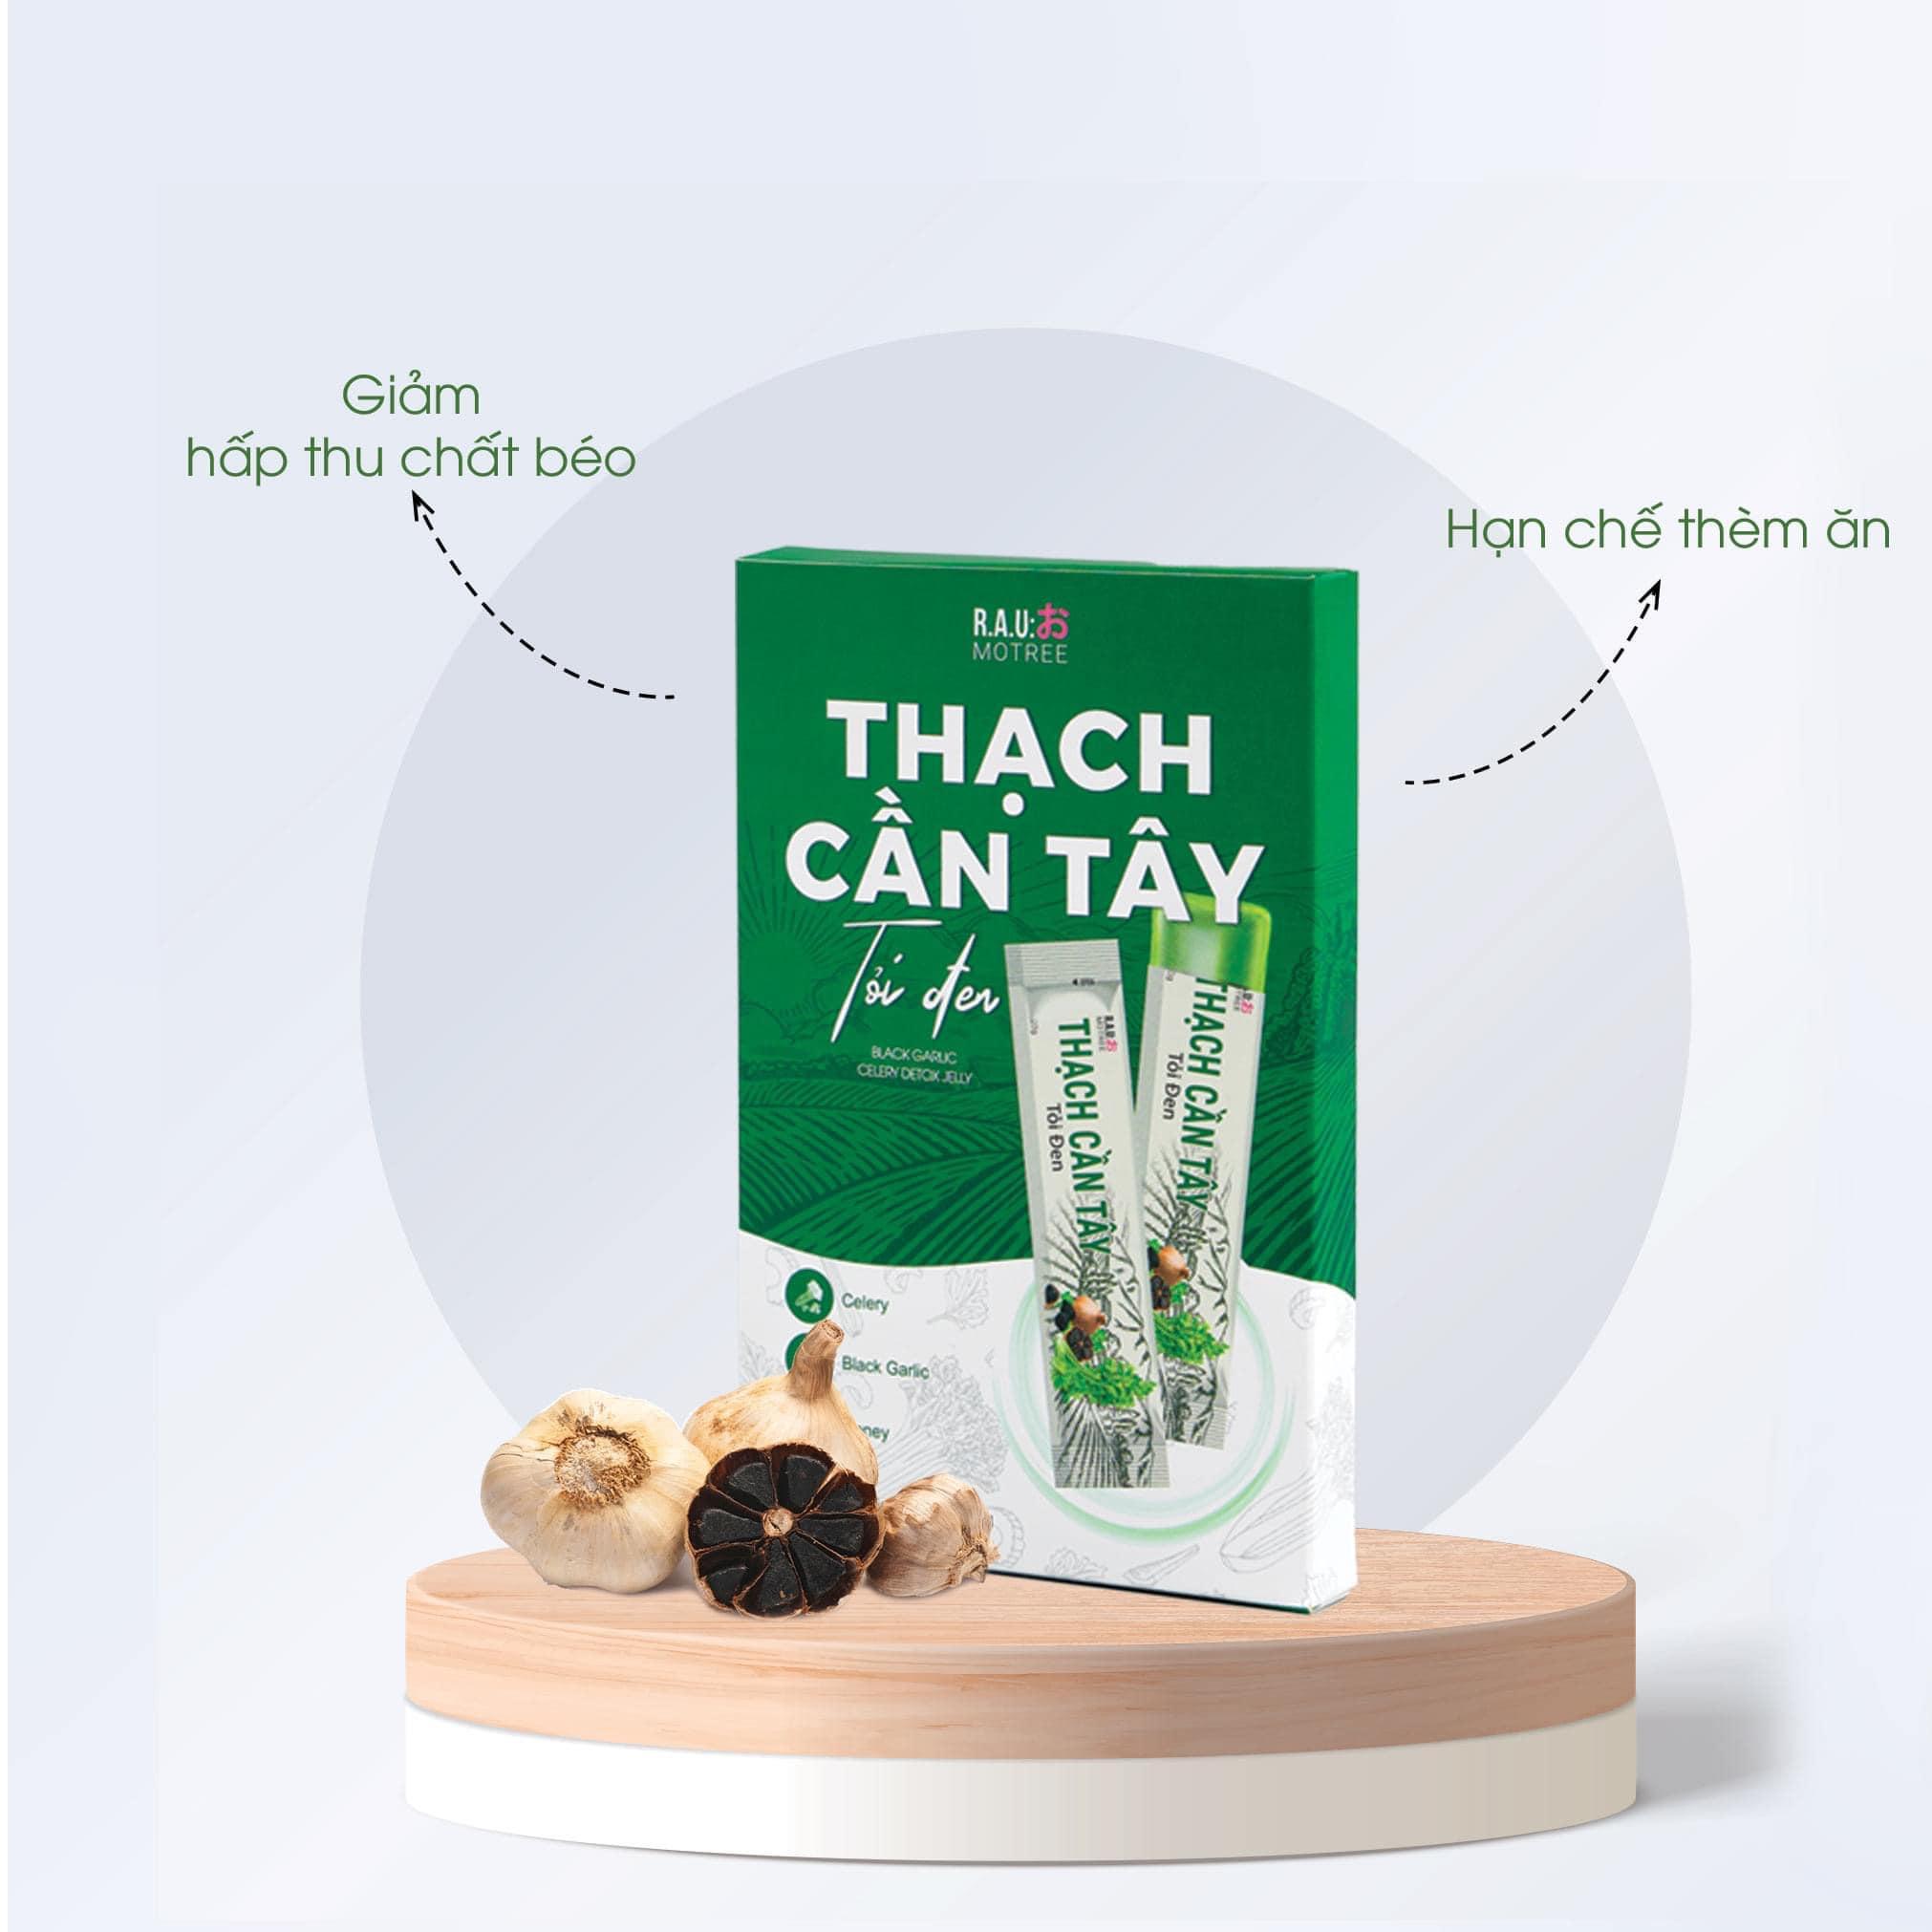 san-pham-khac-thach-can-tay-toi-den-motree-4789